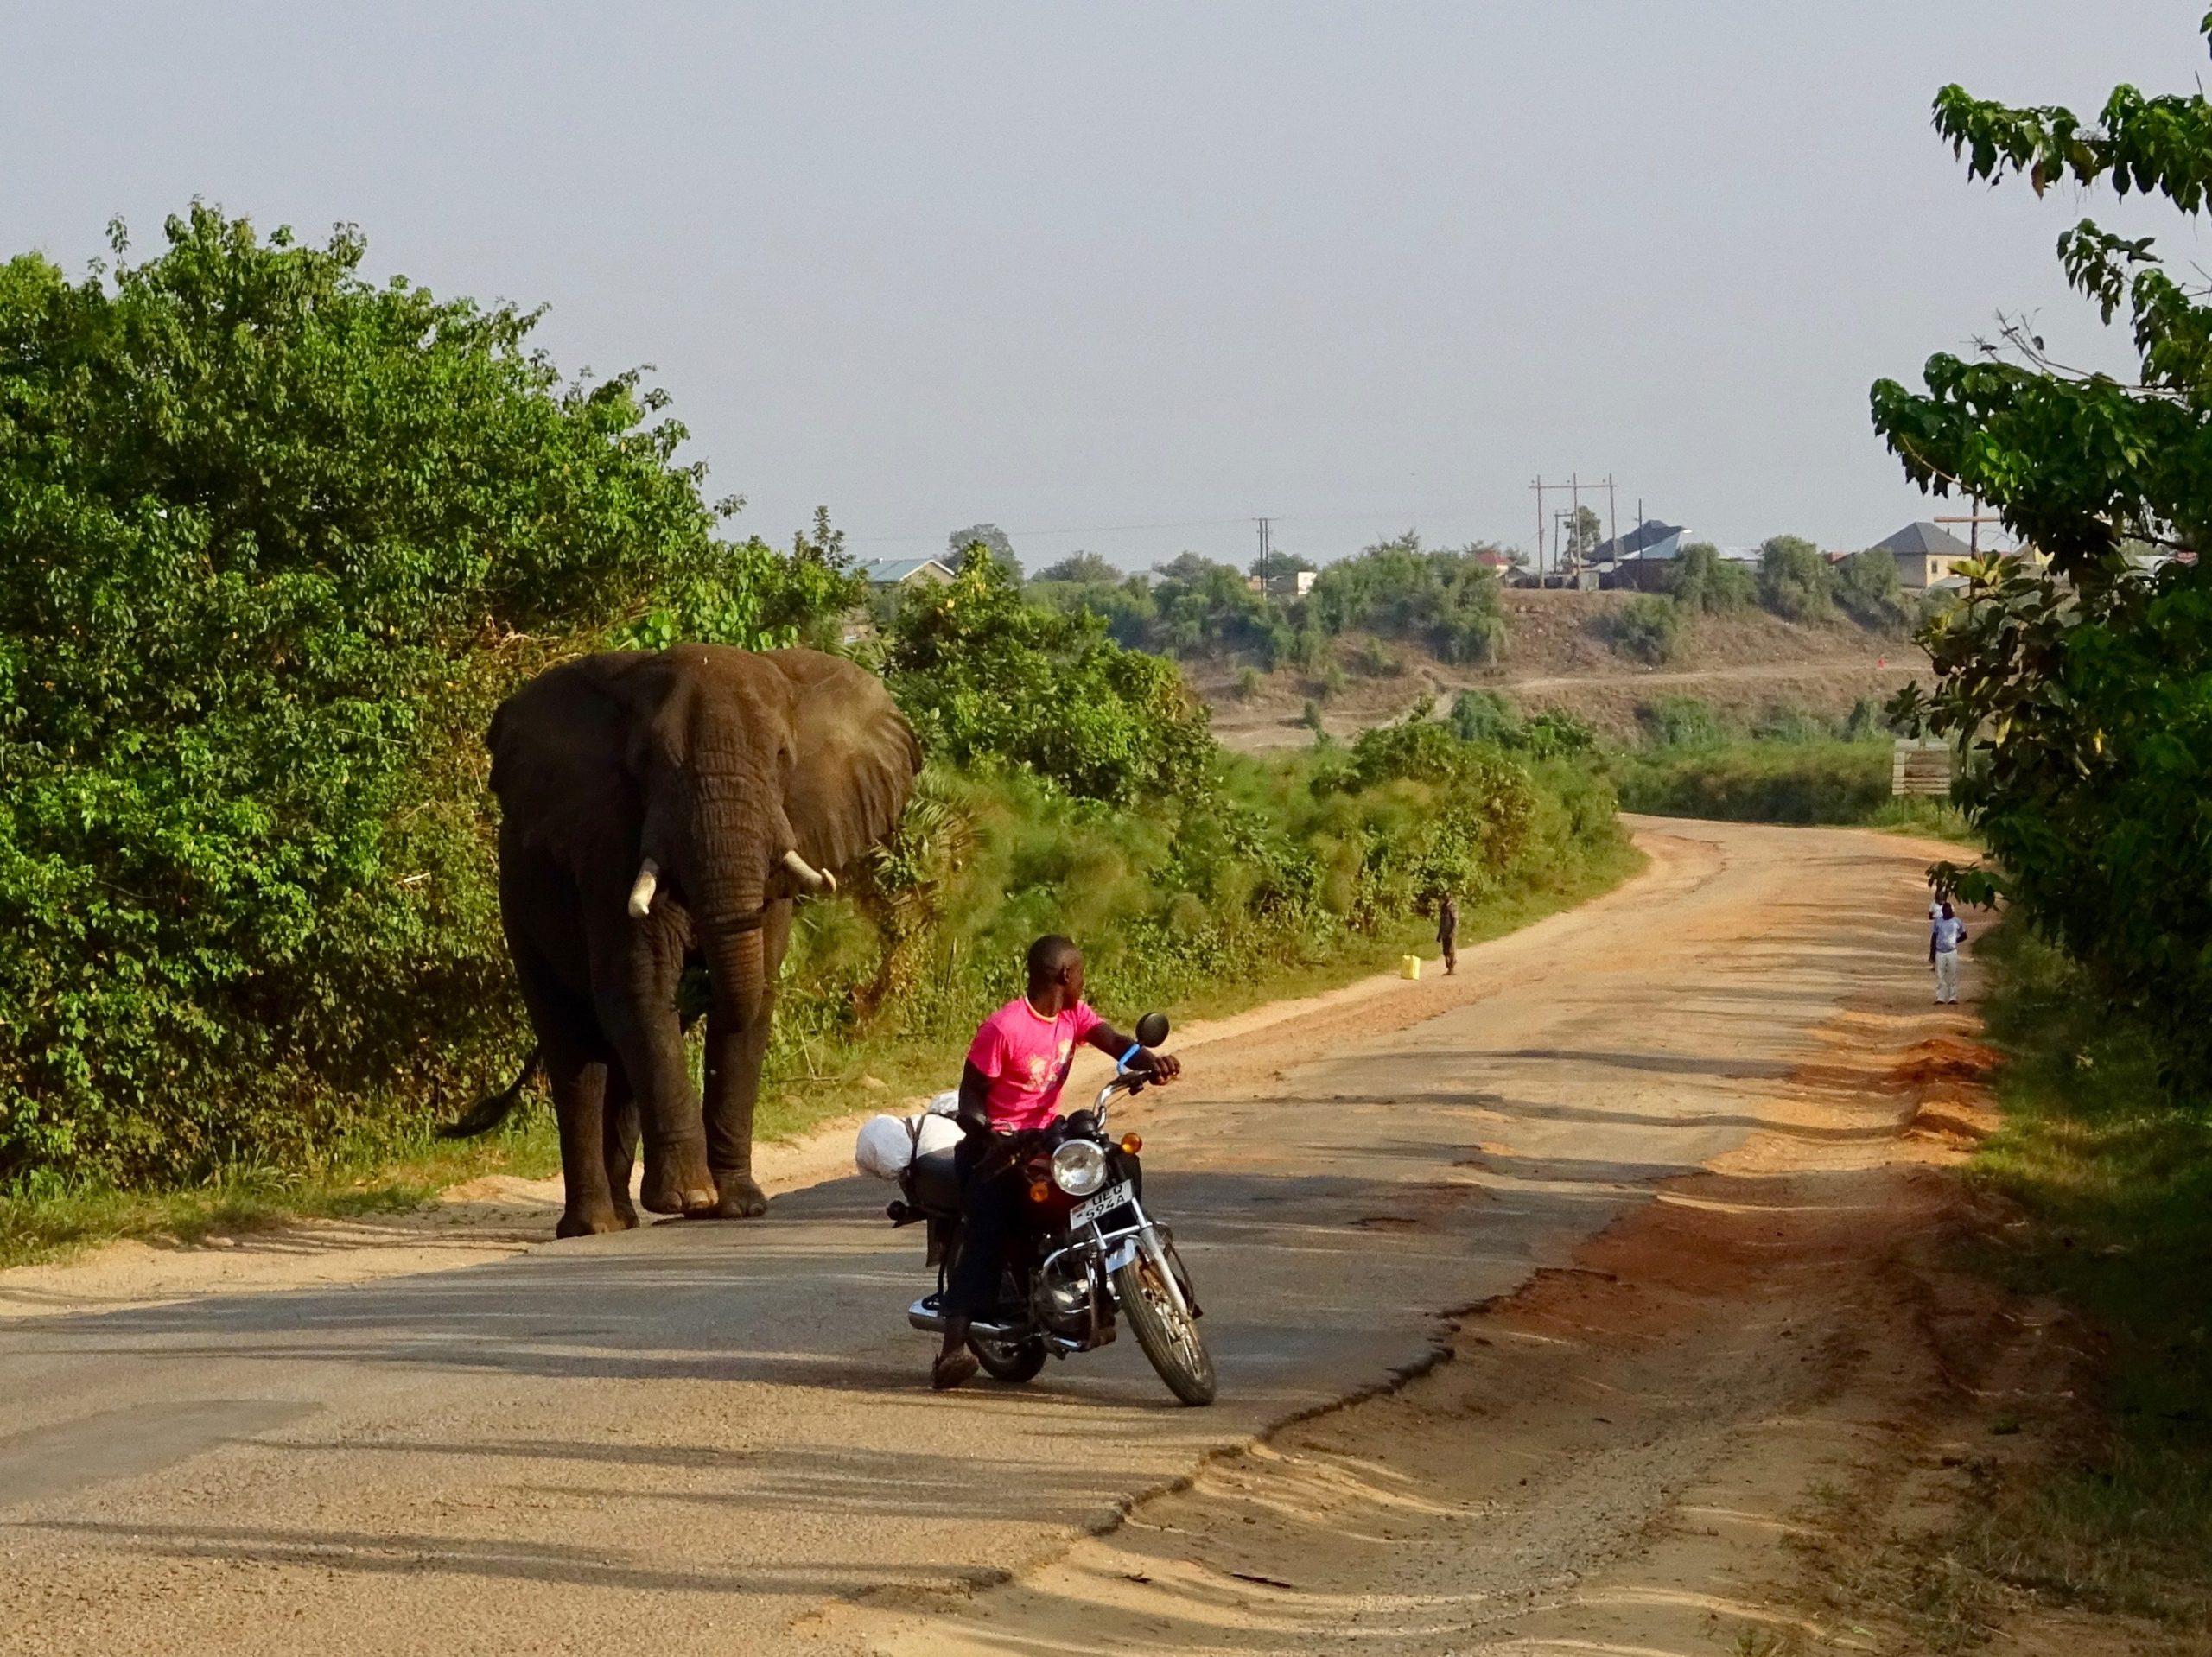 Een mislukte poging om een olifant te passeren